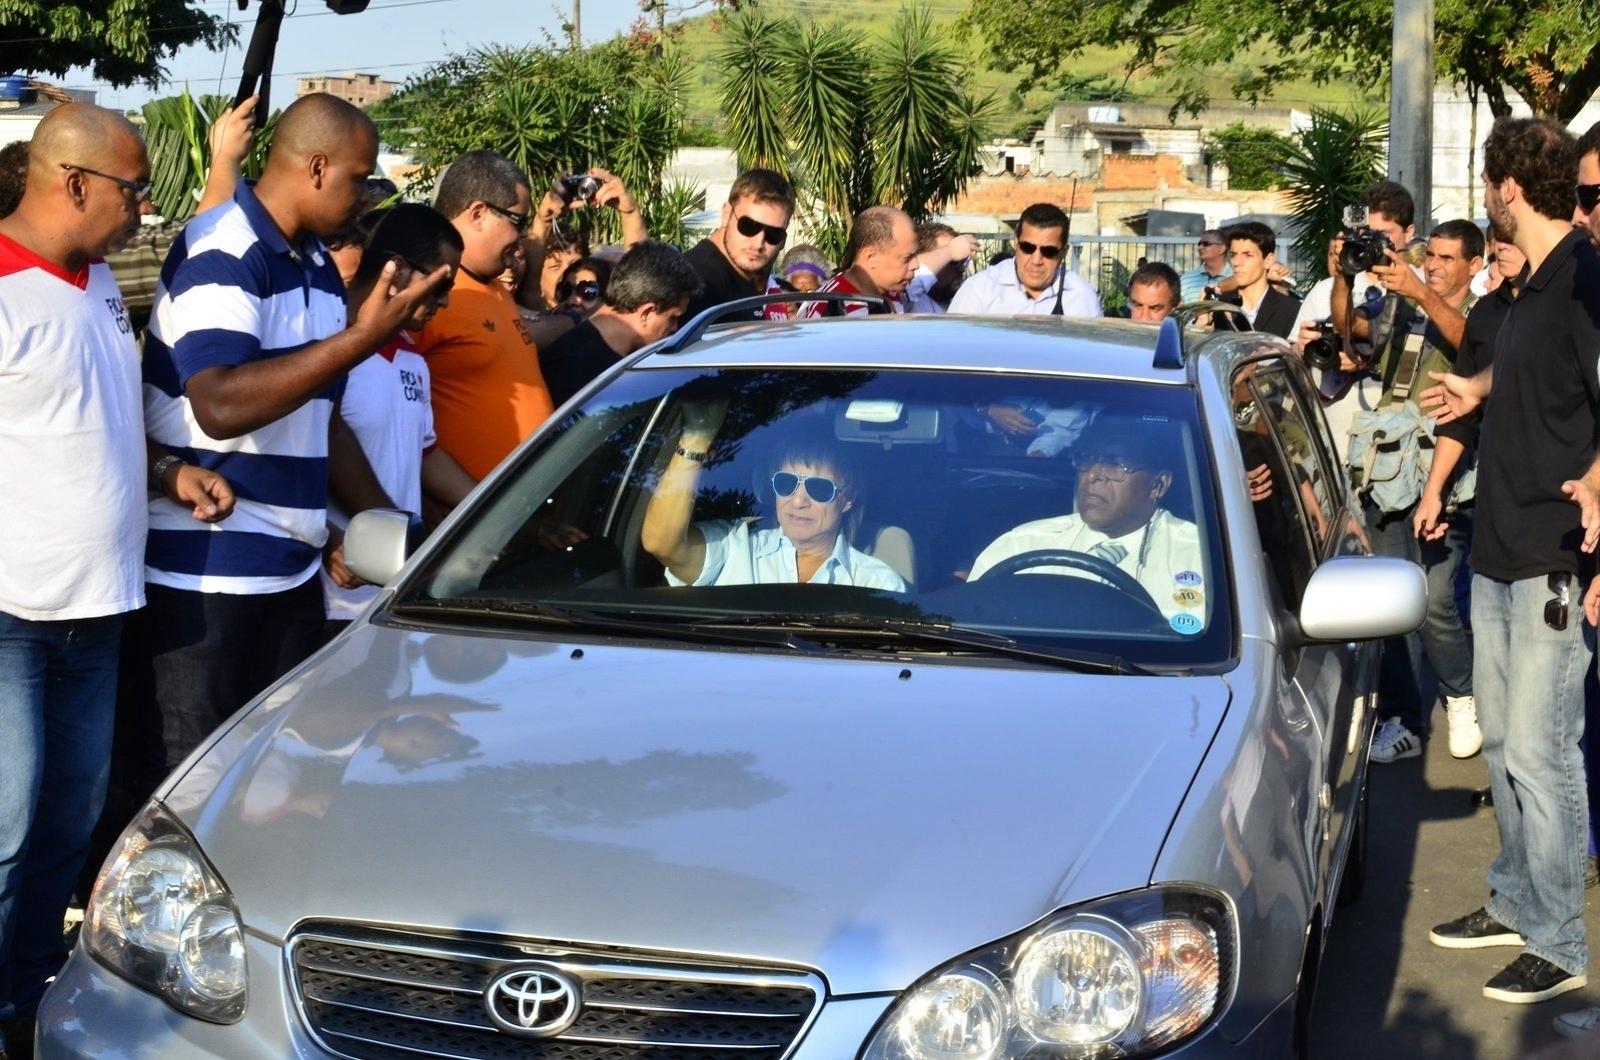 15.mai.2014 - Roberto Carlos chega ao velório e enterro do filho de Erasmo Carlos, Alexandre Pessoal. A cerimônia acontece no Cemitério Jardim da Saudade, em Sulacap, no Rio de Janeiro